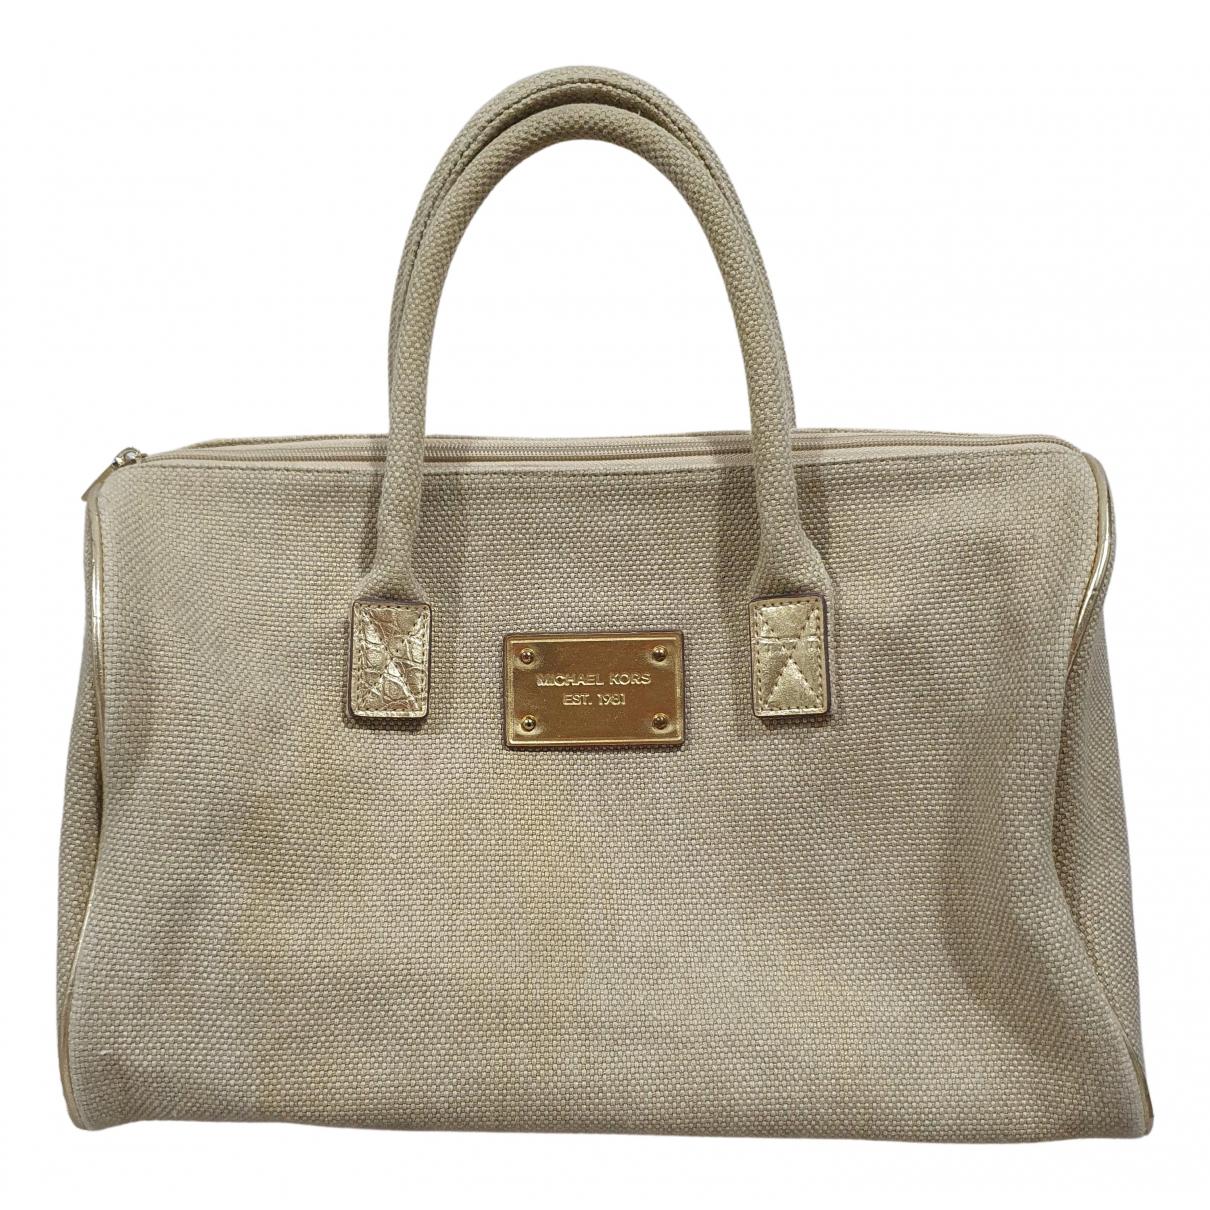 Michael Kors \N Beige Cotton handbag for Women \N